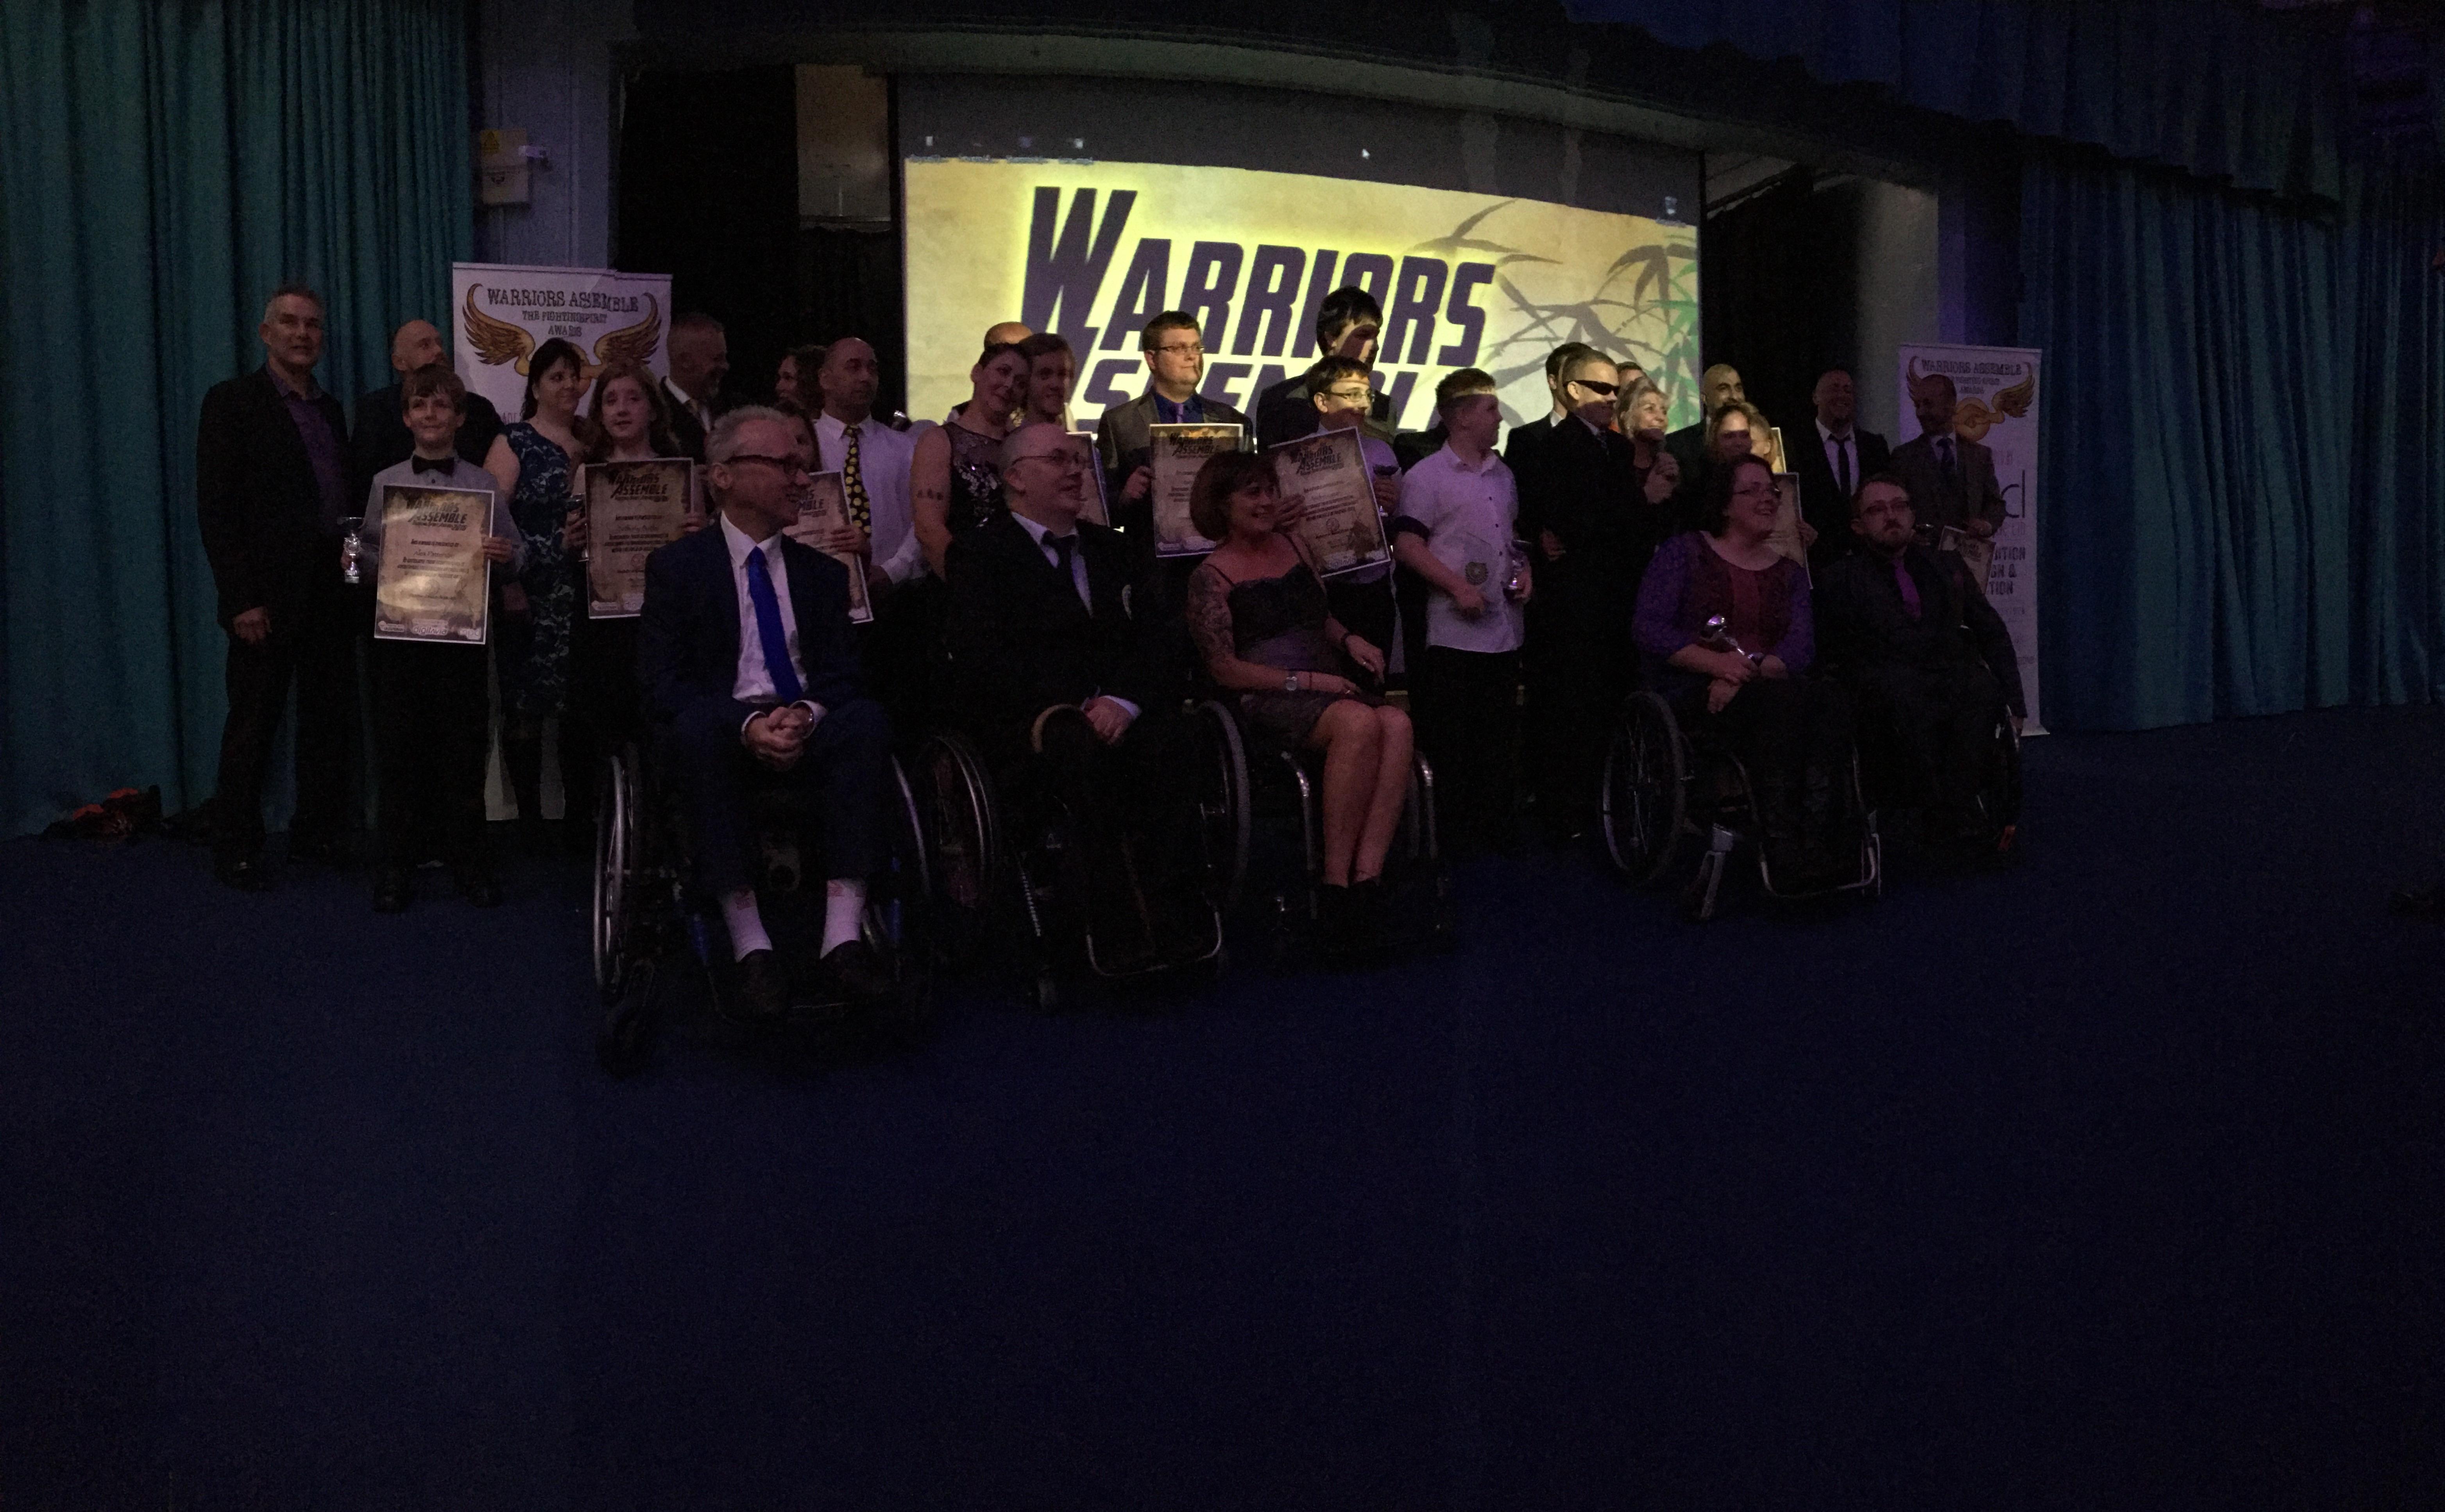 Warriors assembled 3